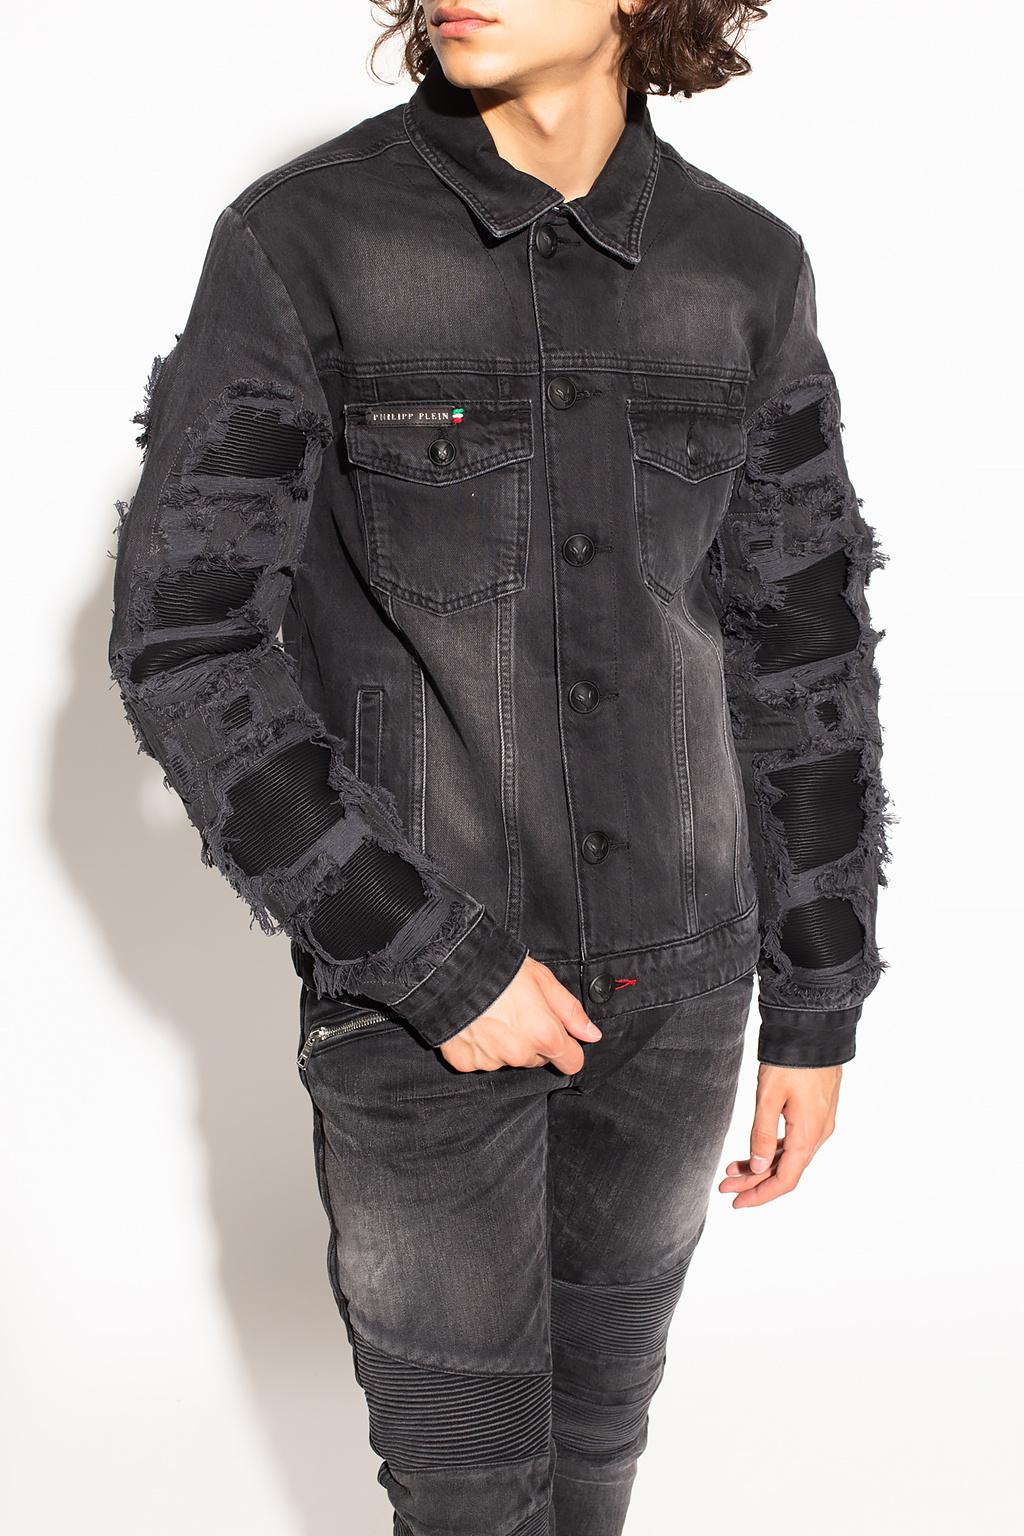 Philipp Plein 品牌牛仔夹克